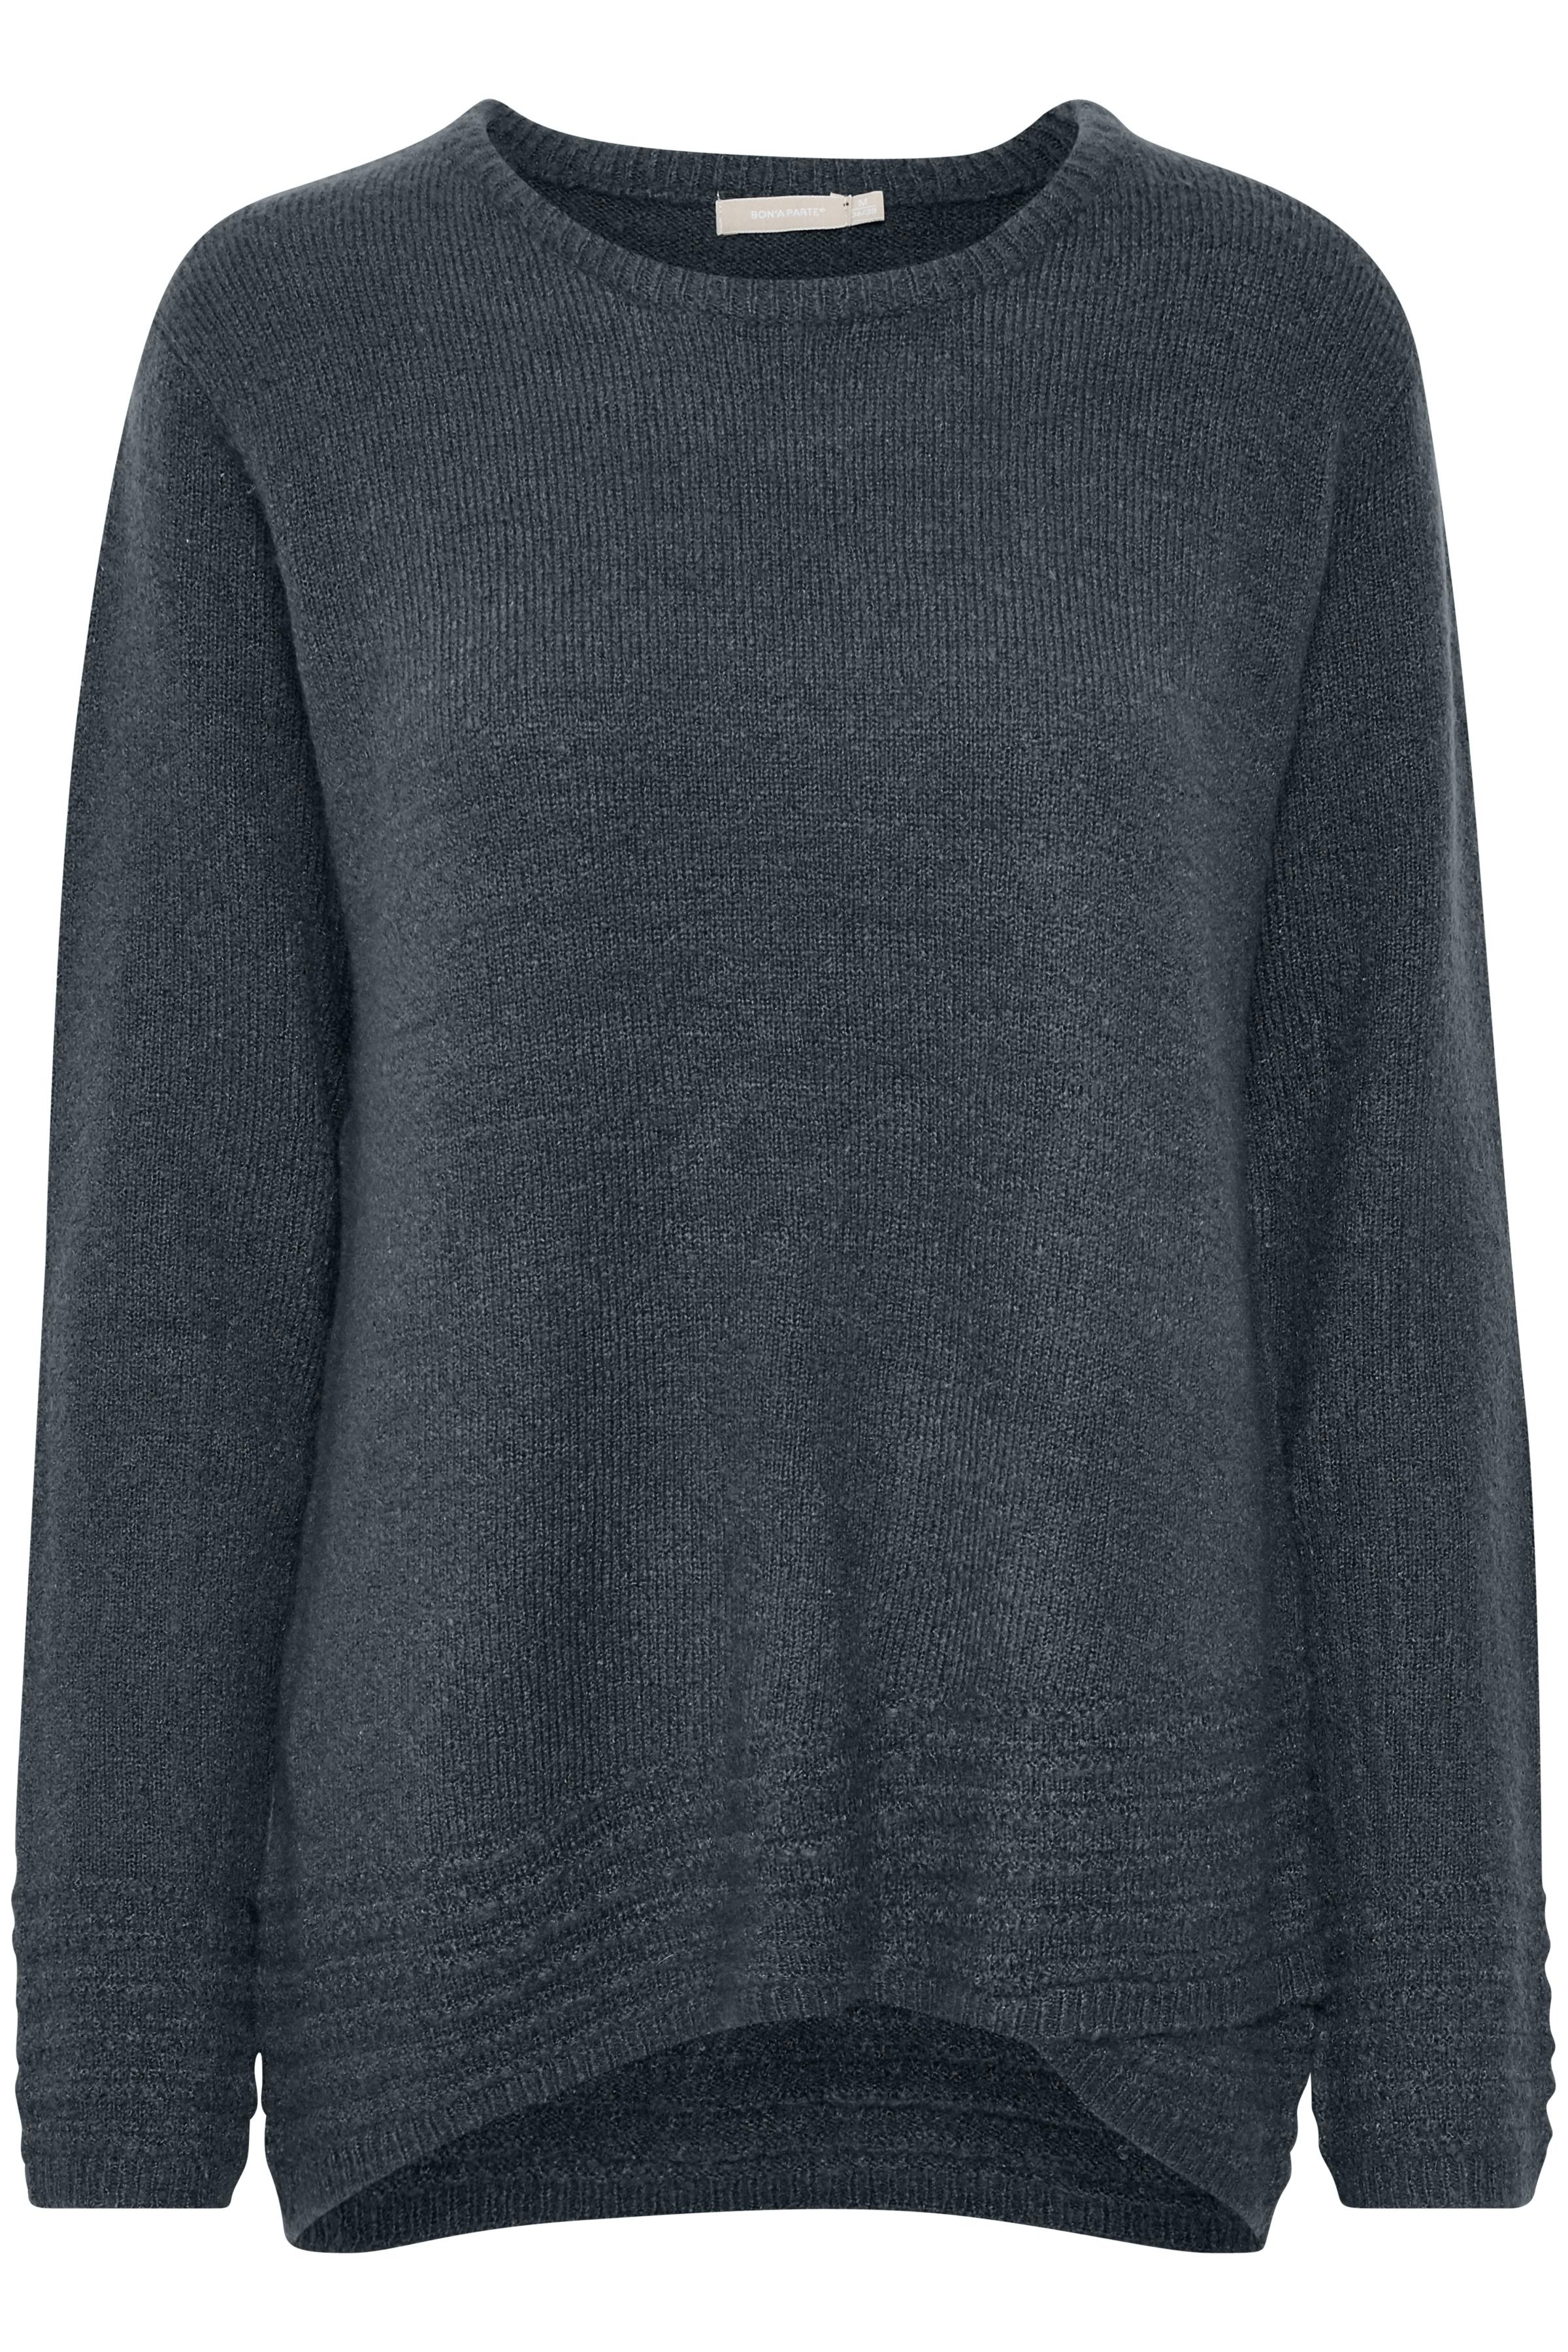 Marineblå Strikpullover fra Bon'A Parte – Køb Marineblå Strikpullover fra str. S-2XL her